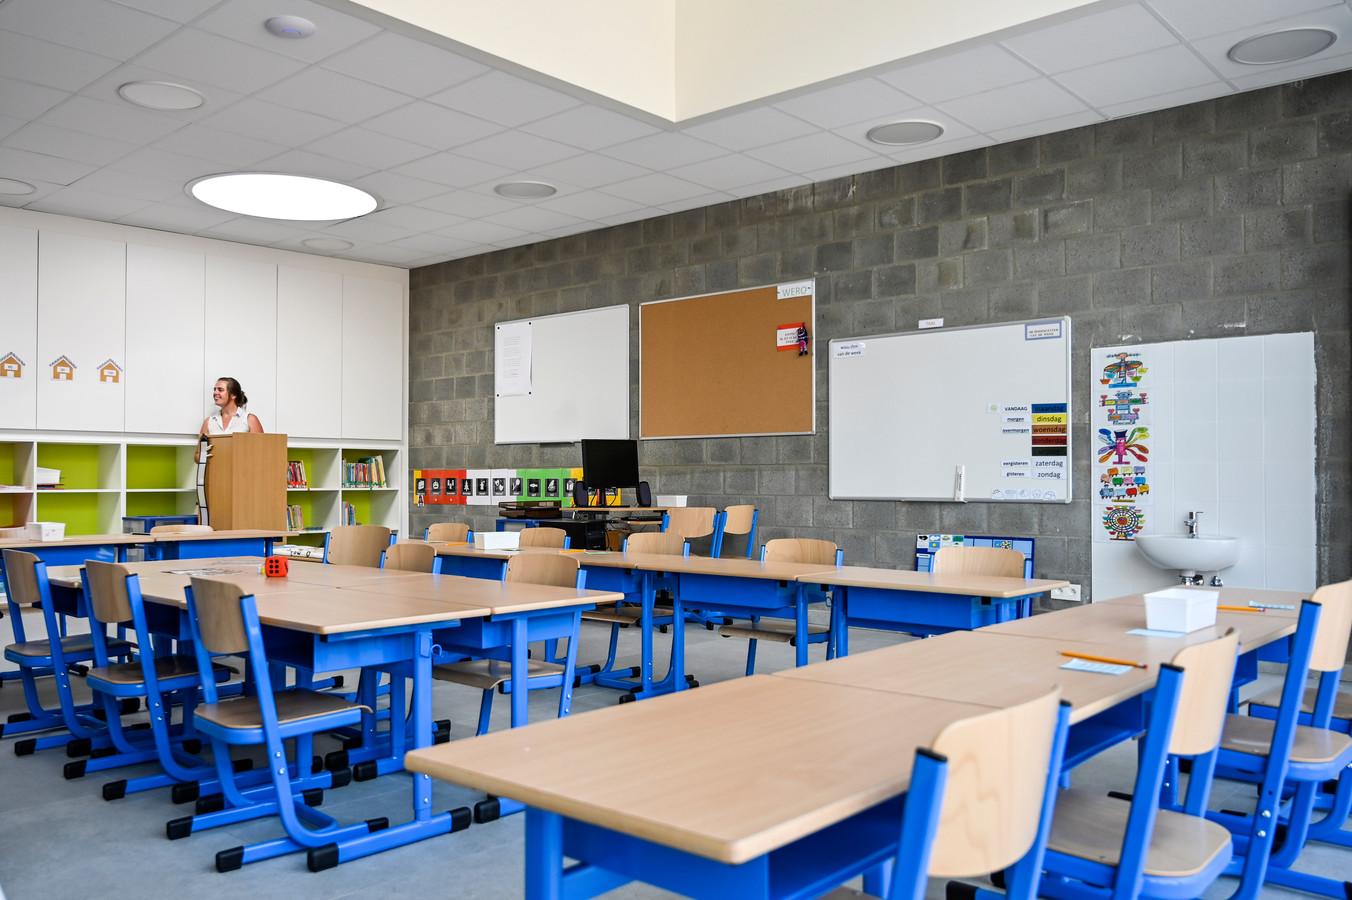 Alle klaslokalen in de hele school kregen nieuw meubilair.